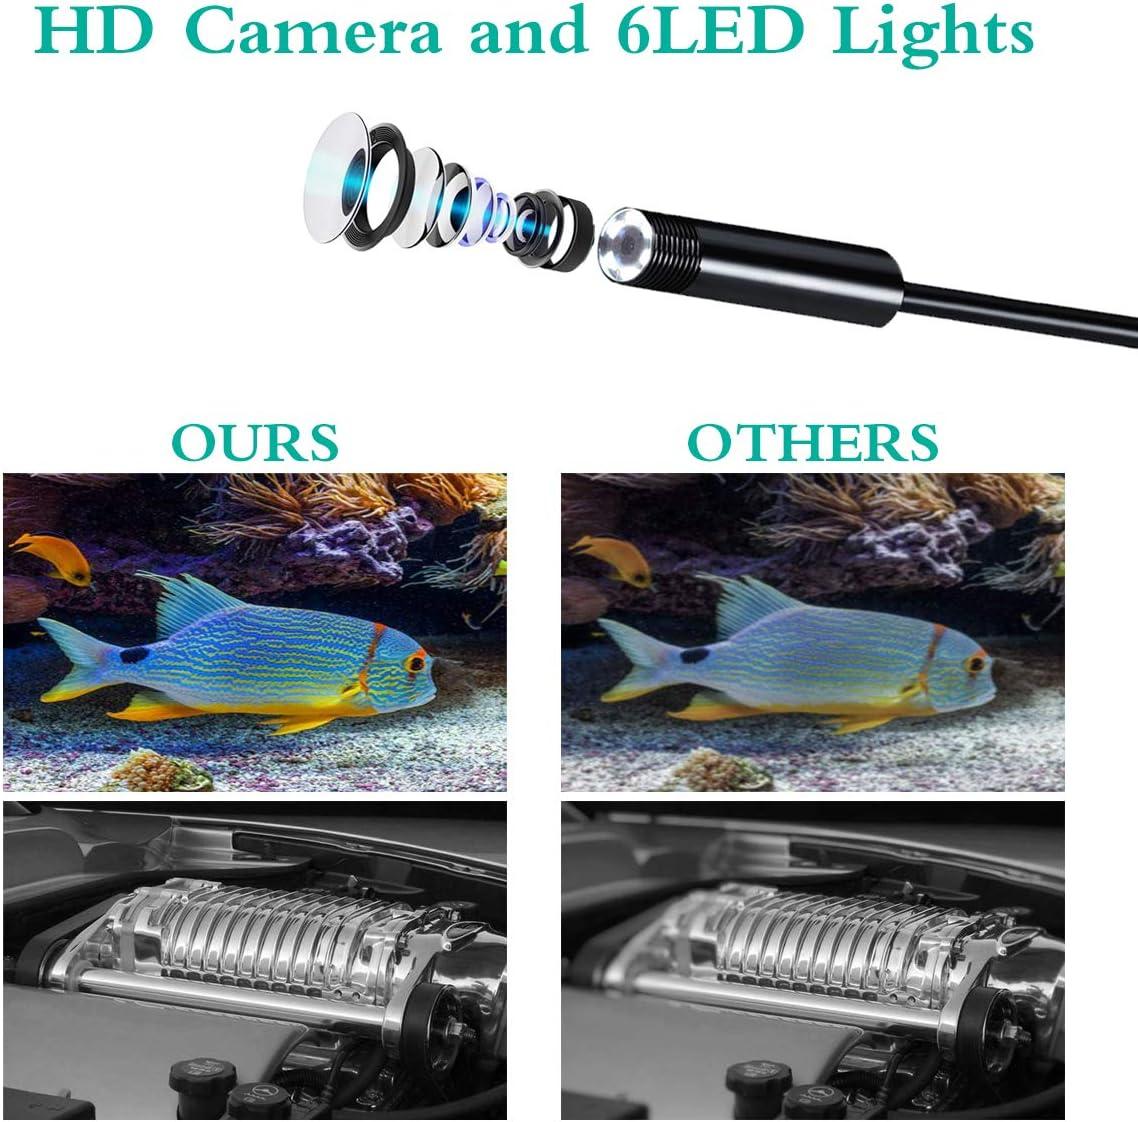 HKBTCH Endoskop, USB Android Endoskopkamera 7mm 720P HD Zoombares Autofokus Inspektionskamera mit 6 LED,IP67 Wasserdicht Halbstarre Flexible Kanalkamera und Schlange Kabel 5M